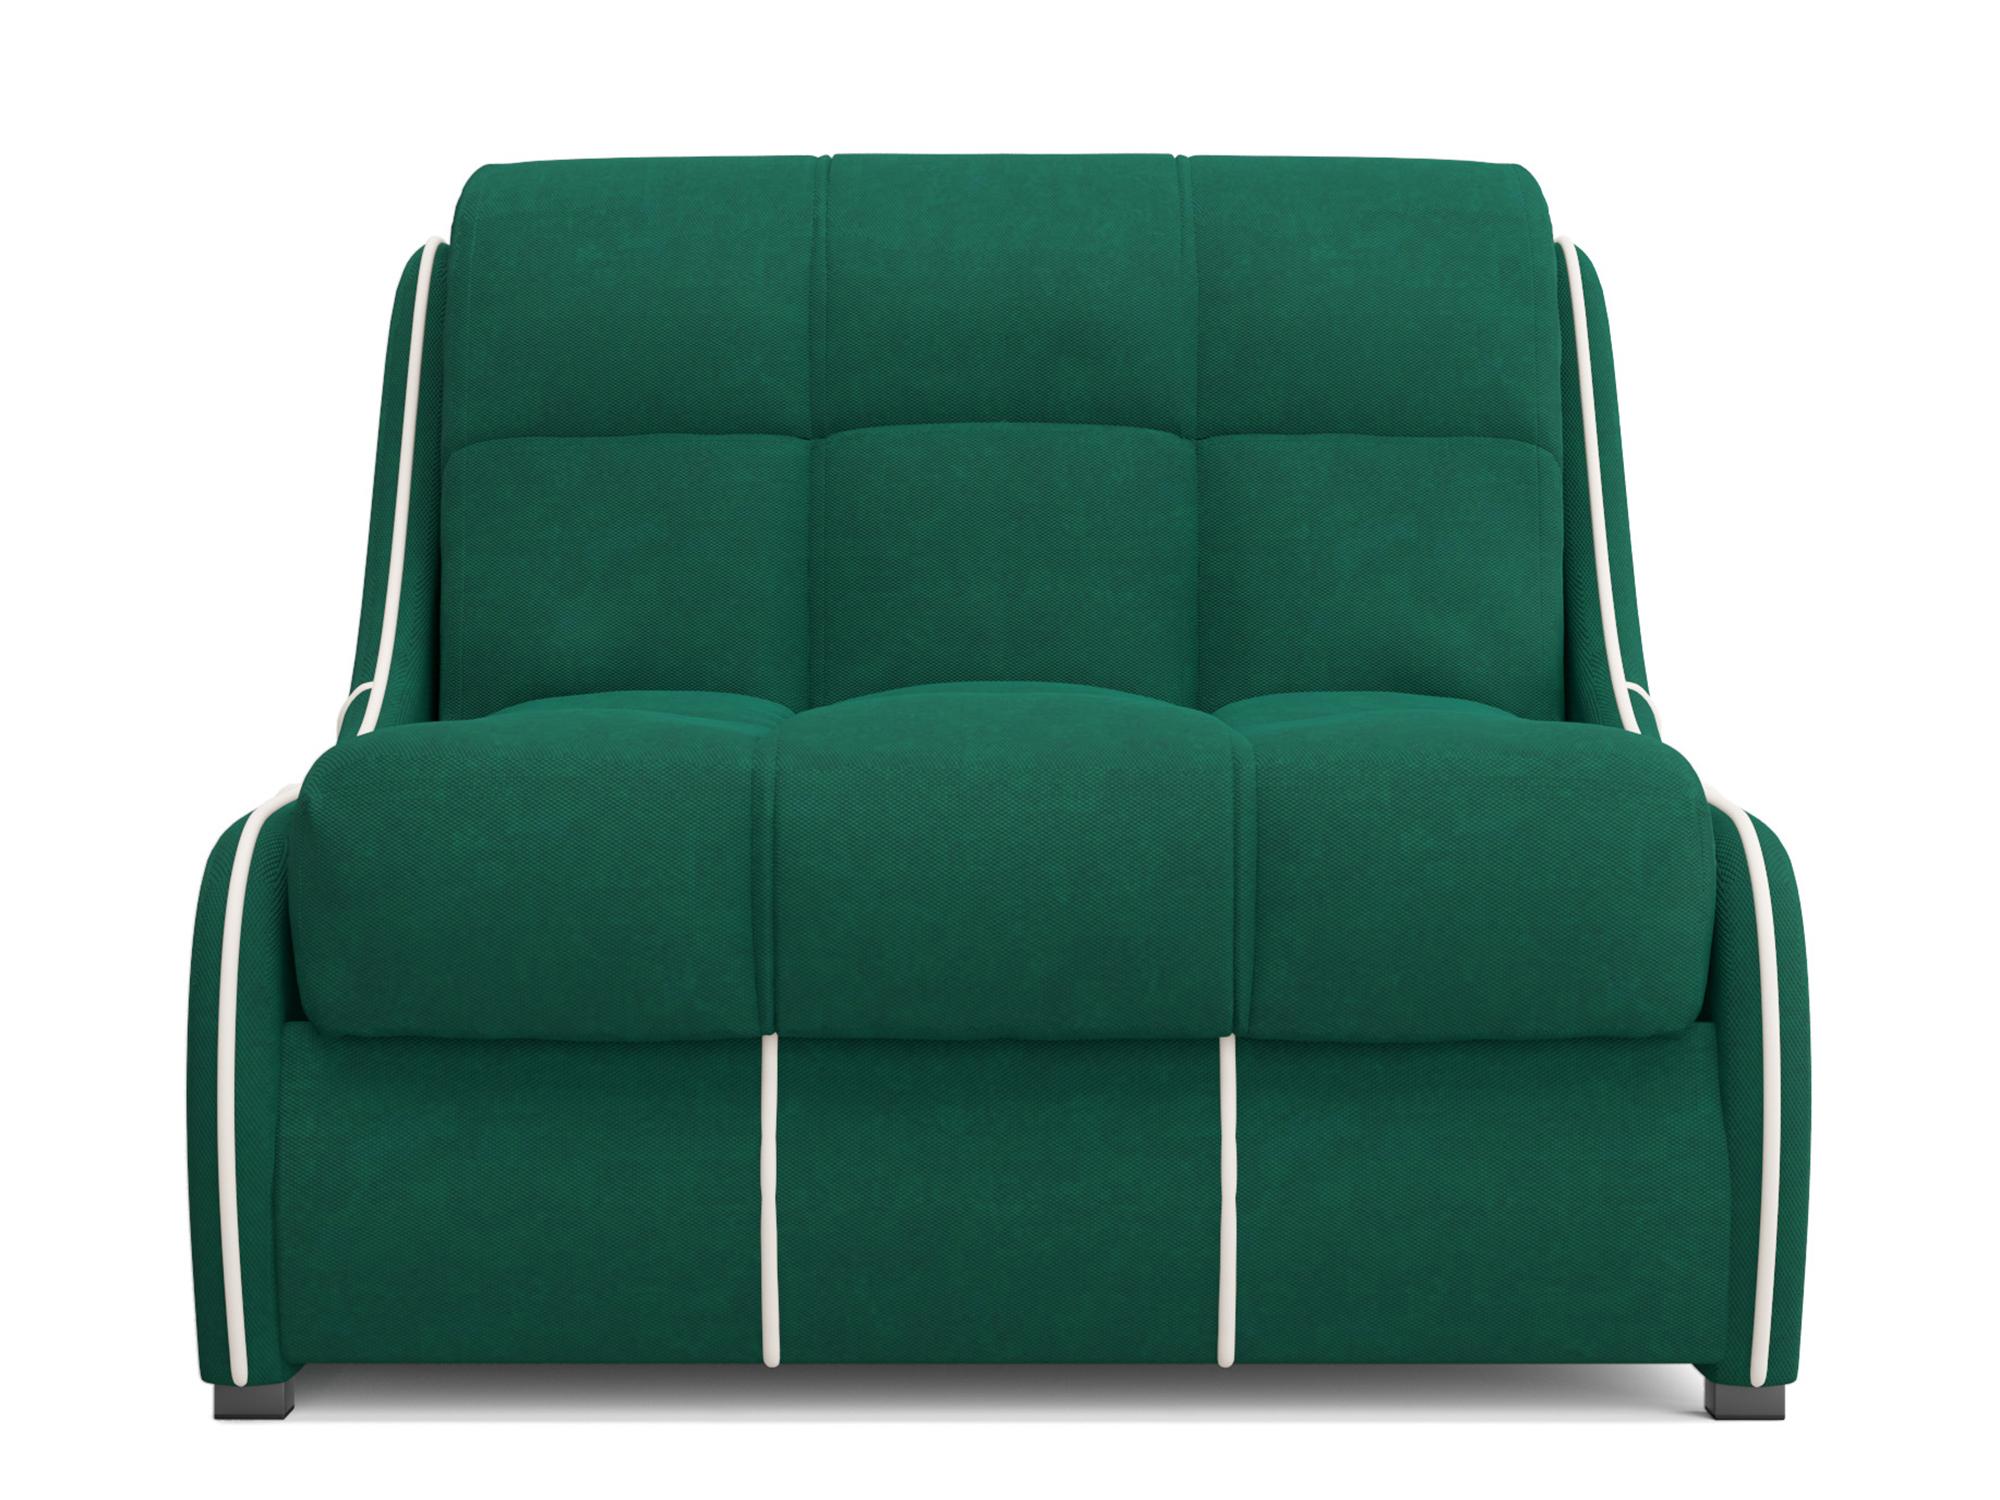 Кресло Рио Maxx MebelVia Зеленый, Велюр, Металл